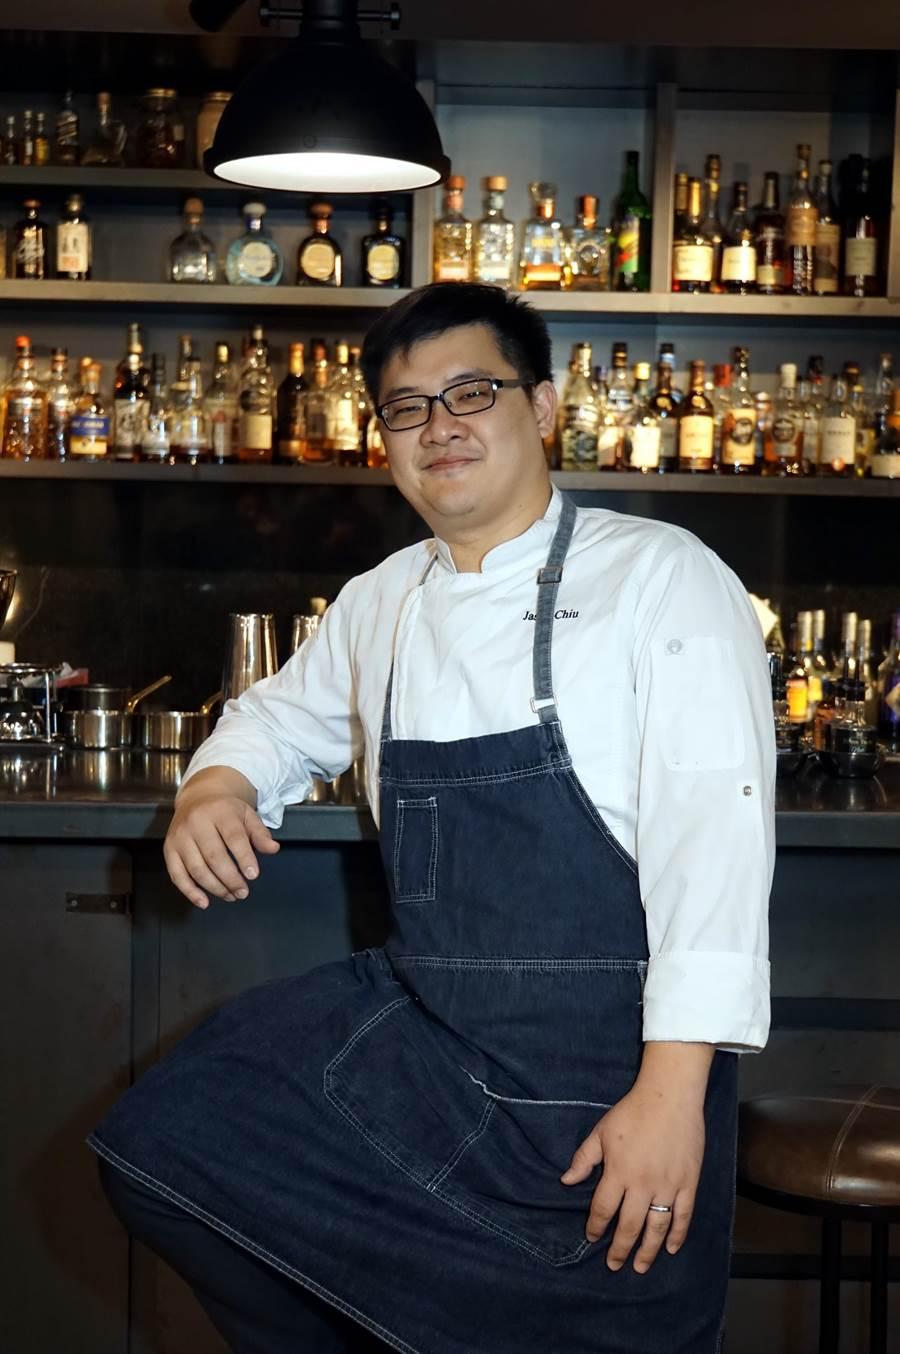 台北中山意舍酒店〈Buttermilk〉摩登美式餐廳新任主廚Jason周建宏,曾先後擔任新加坡君悅酒店〈Mezza 9〉餐廳與新加坡南岸JW萬豪酒店的 廚師長。(圖/姚舜)